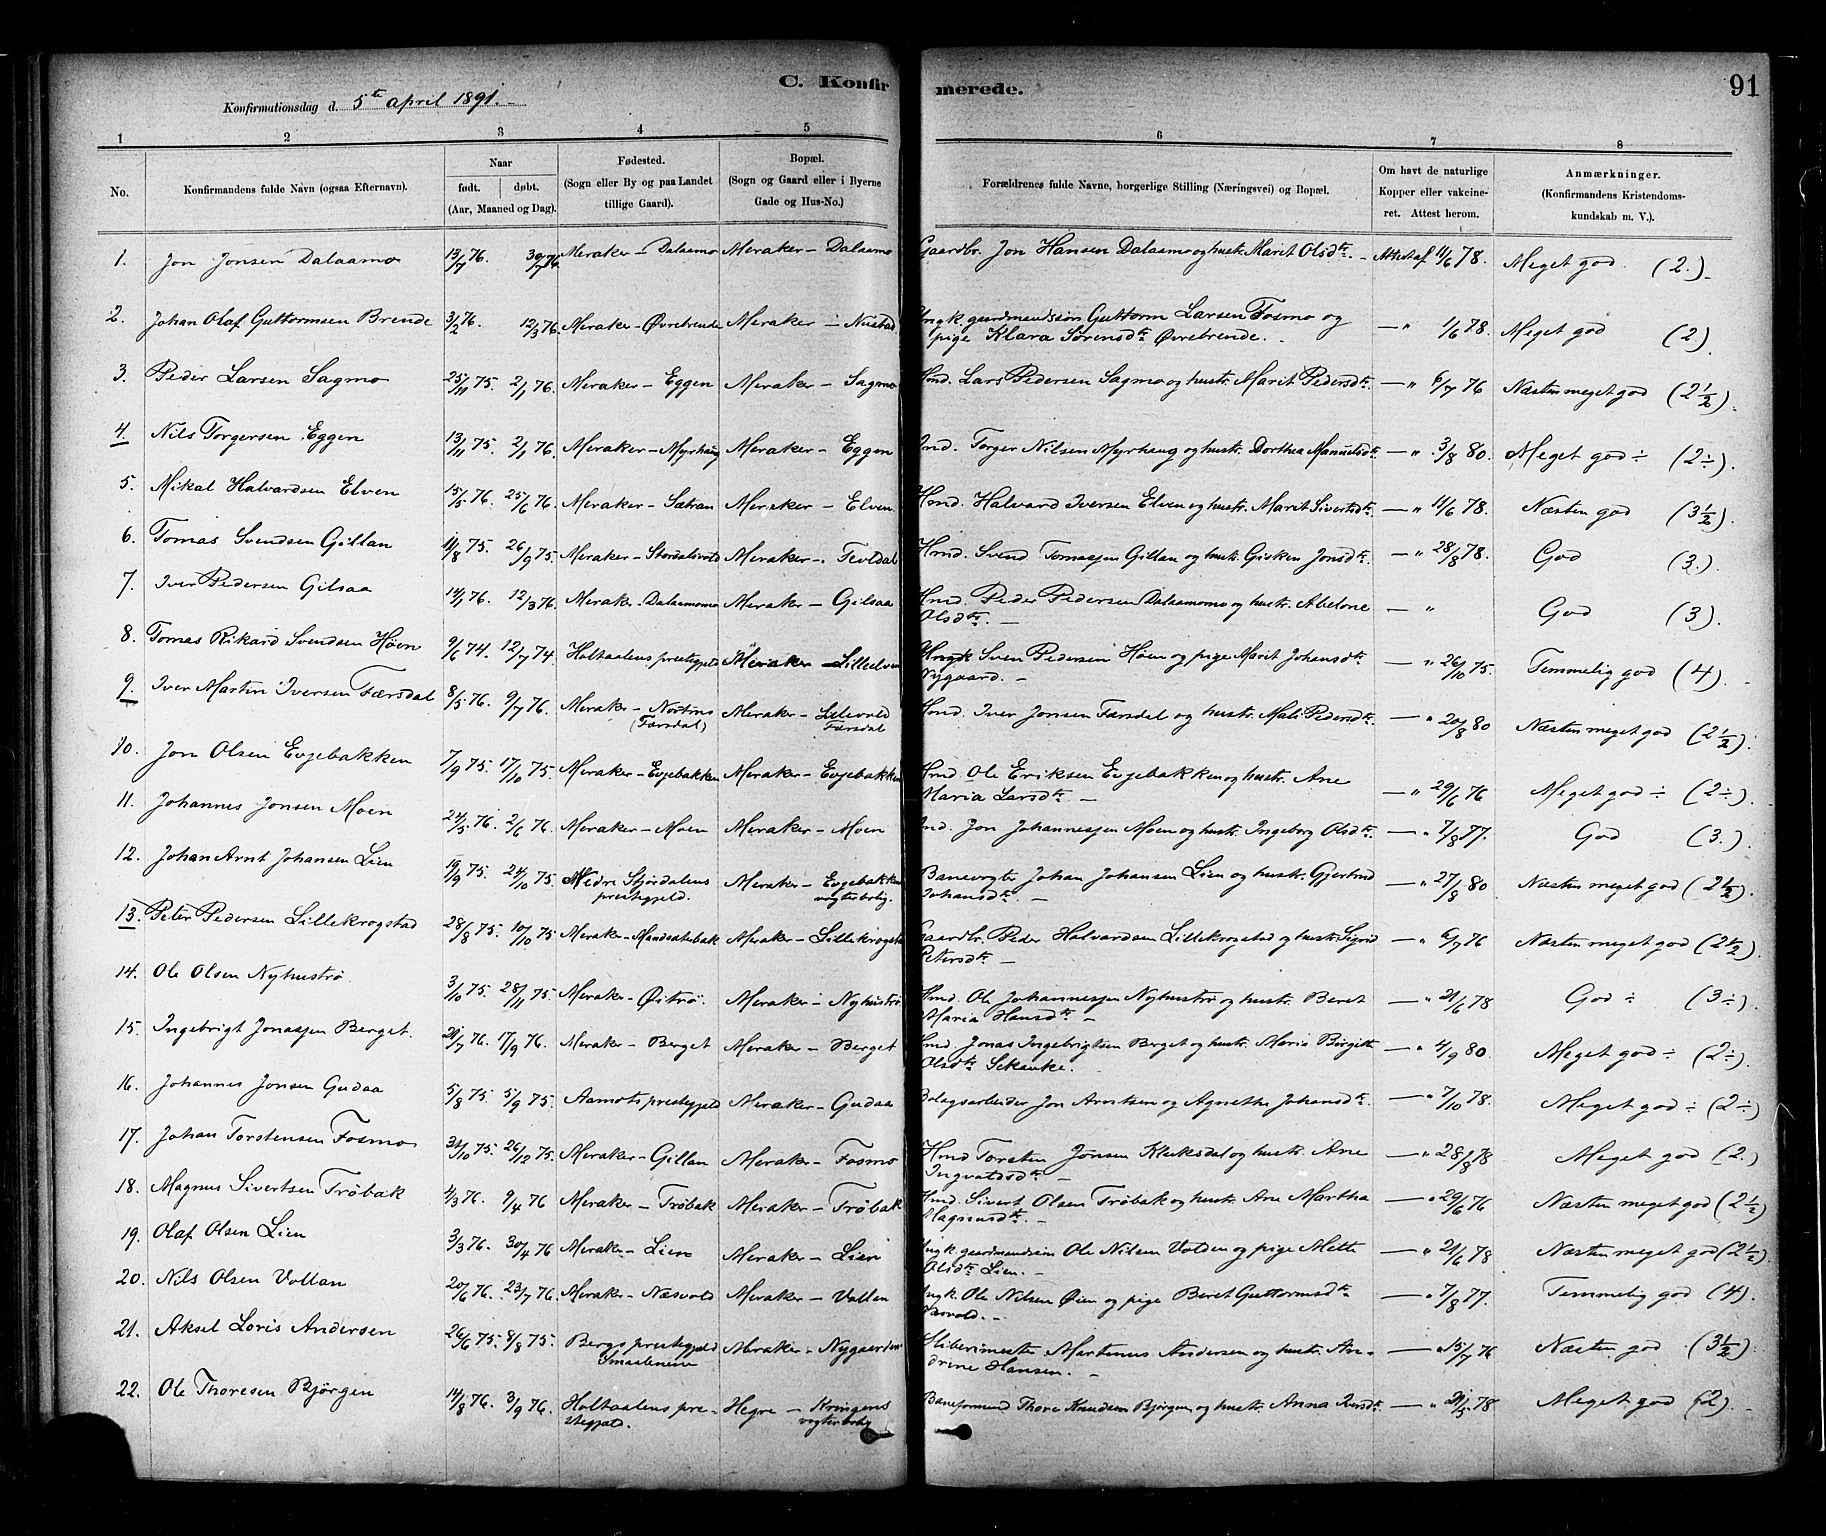 SAT, Ministerialprotokoller, klokkerbøker og fødselsregistre - Nord-Trøndelag, 706/L0047: Ministerialbok nr. 706A03, 1878-1892, s. 91